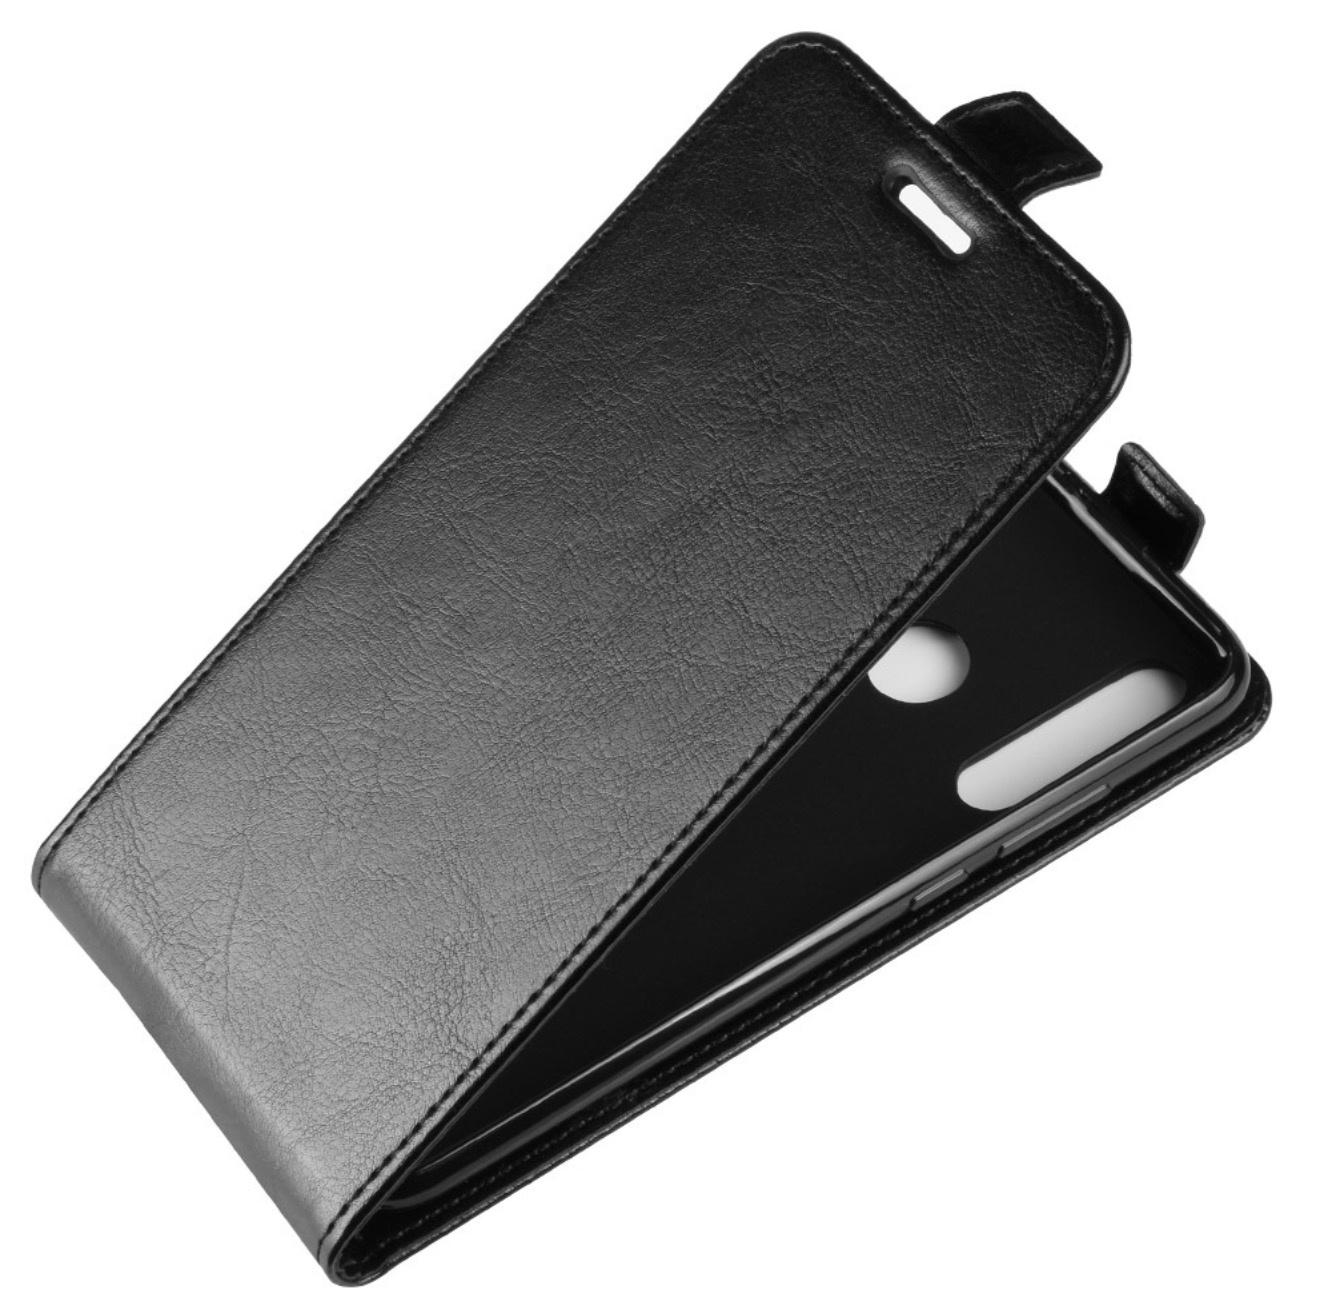 Чехол-флип MyPads для Sony Xperia Z4/Z3 вертикальный откидной черный